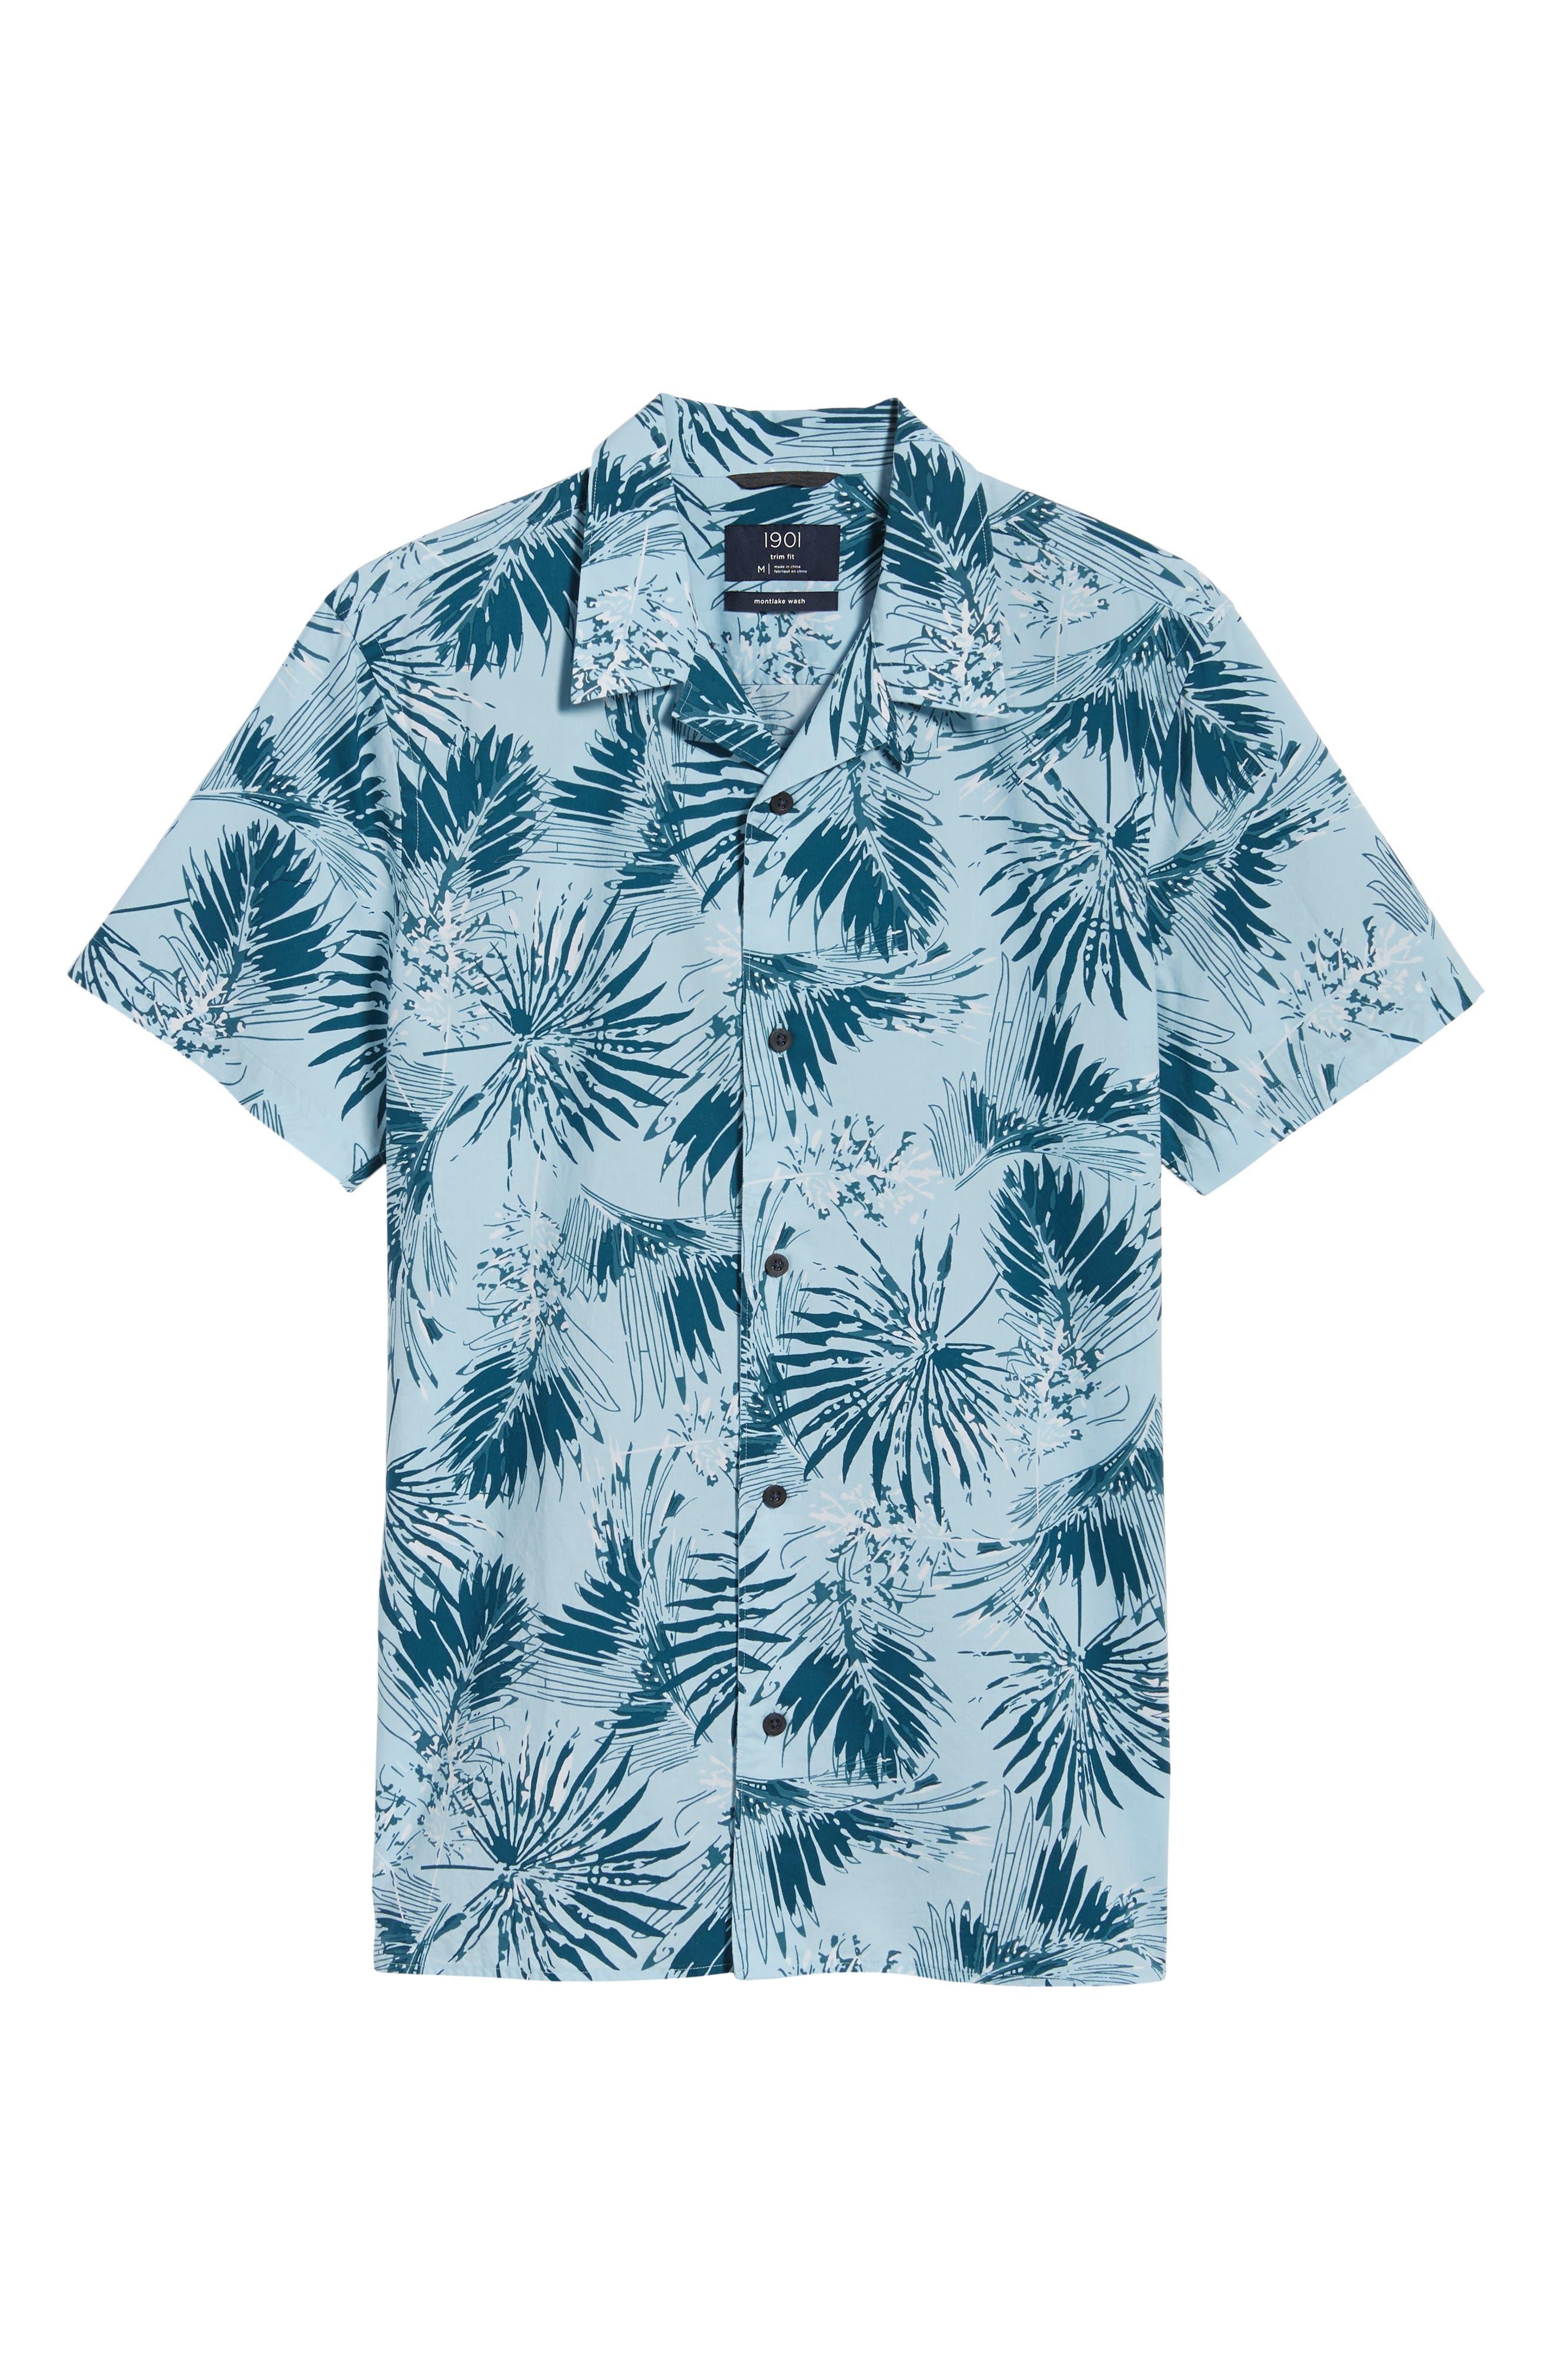 Trim Fit Palm Print Camp Shirt,                             Alternate thumbnail 6, color,                             Blue Cloud Fan Palms